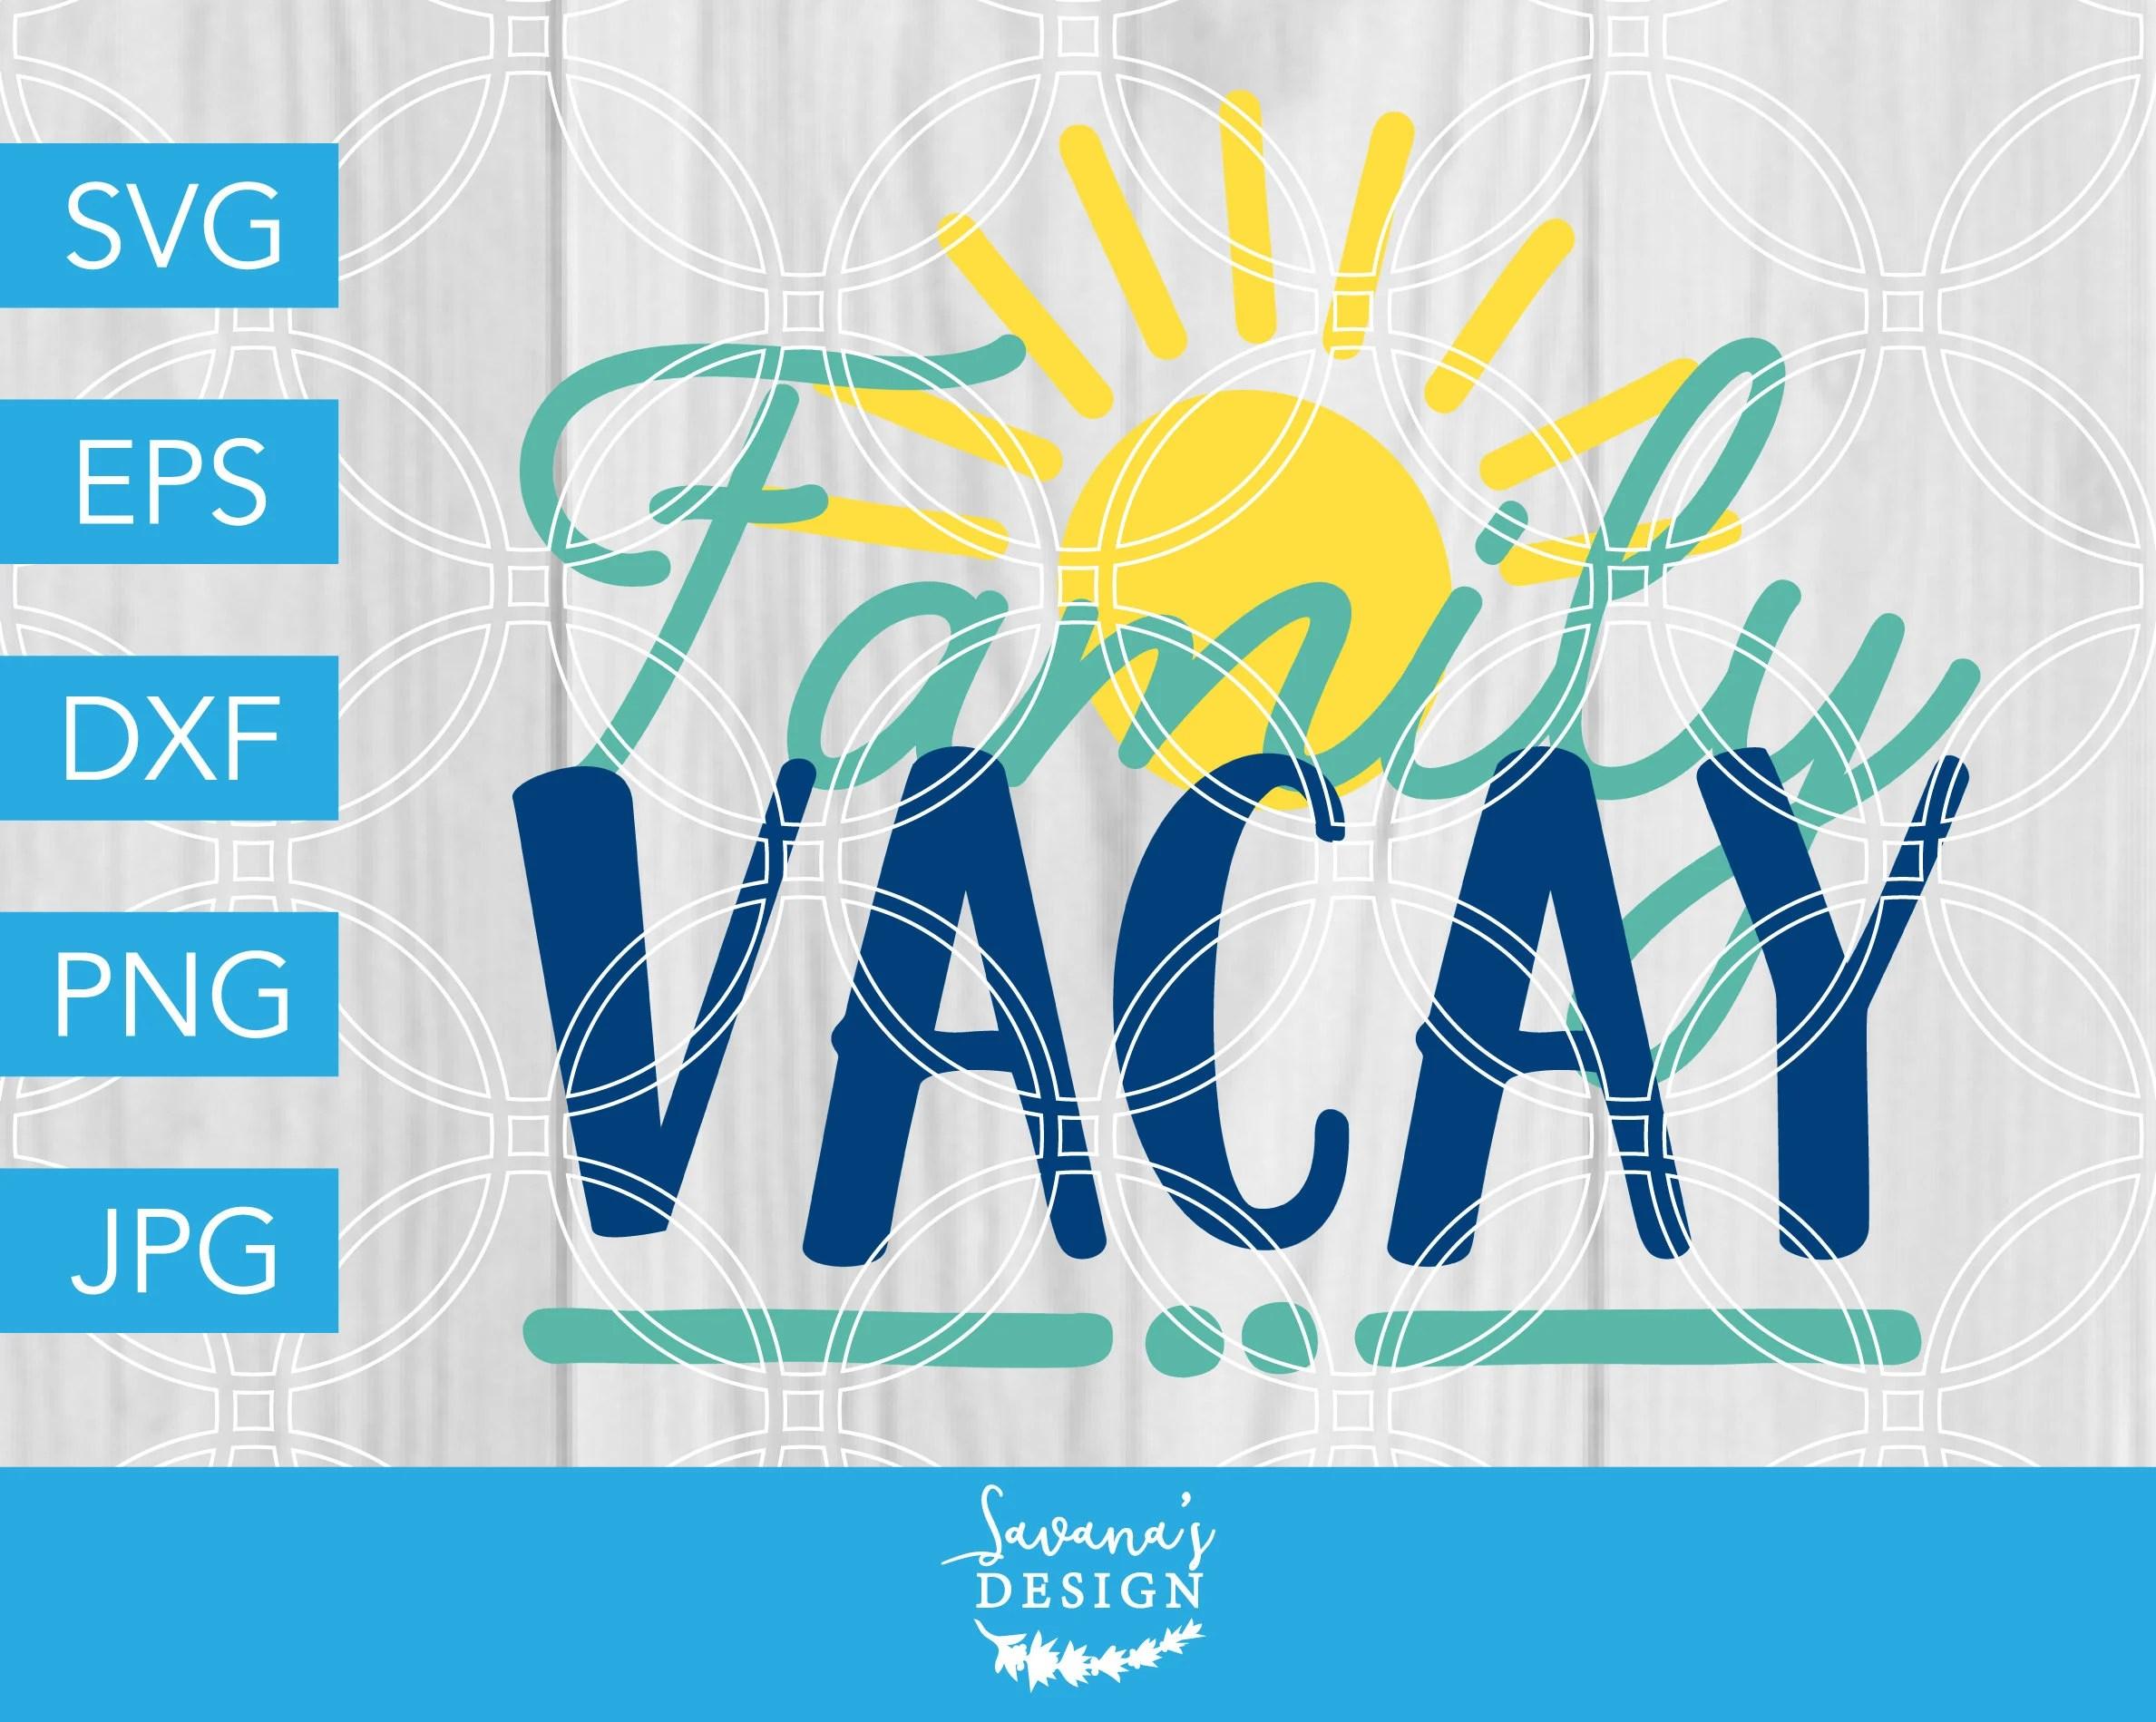 Family Vacay Svg Vacay Svg Family Svg Vacation Svg Family Vacation Svg Sun Svg Beach Svg Svg Files For Cricut Svg Files Cricut Svg By Savanasdesign Catch My Party